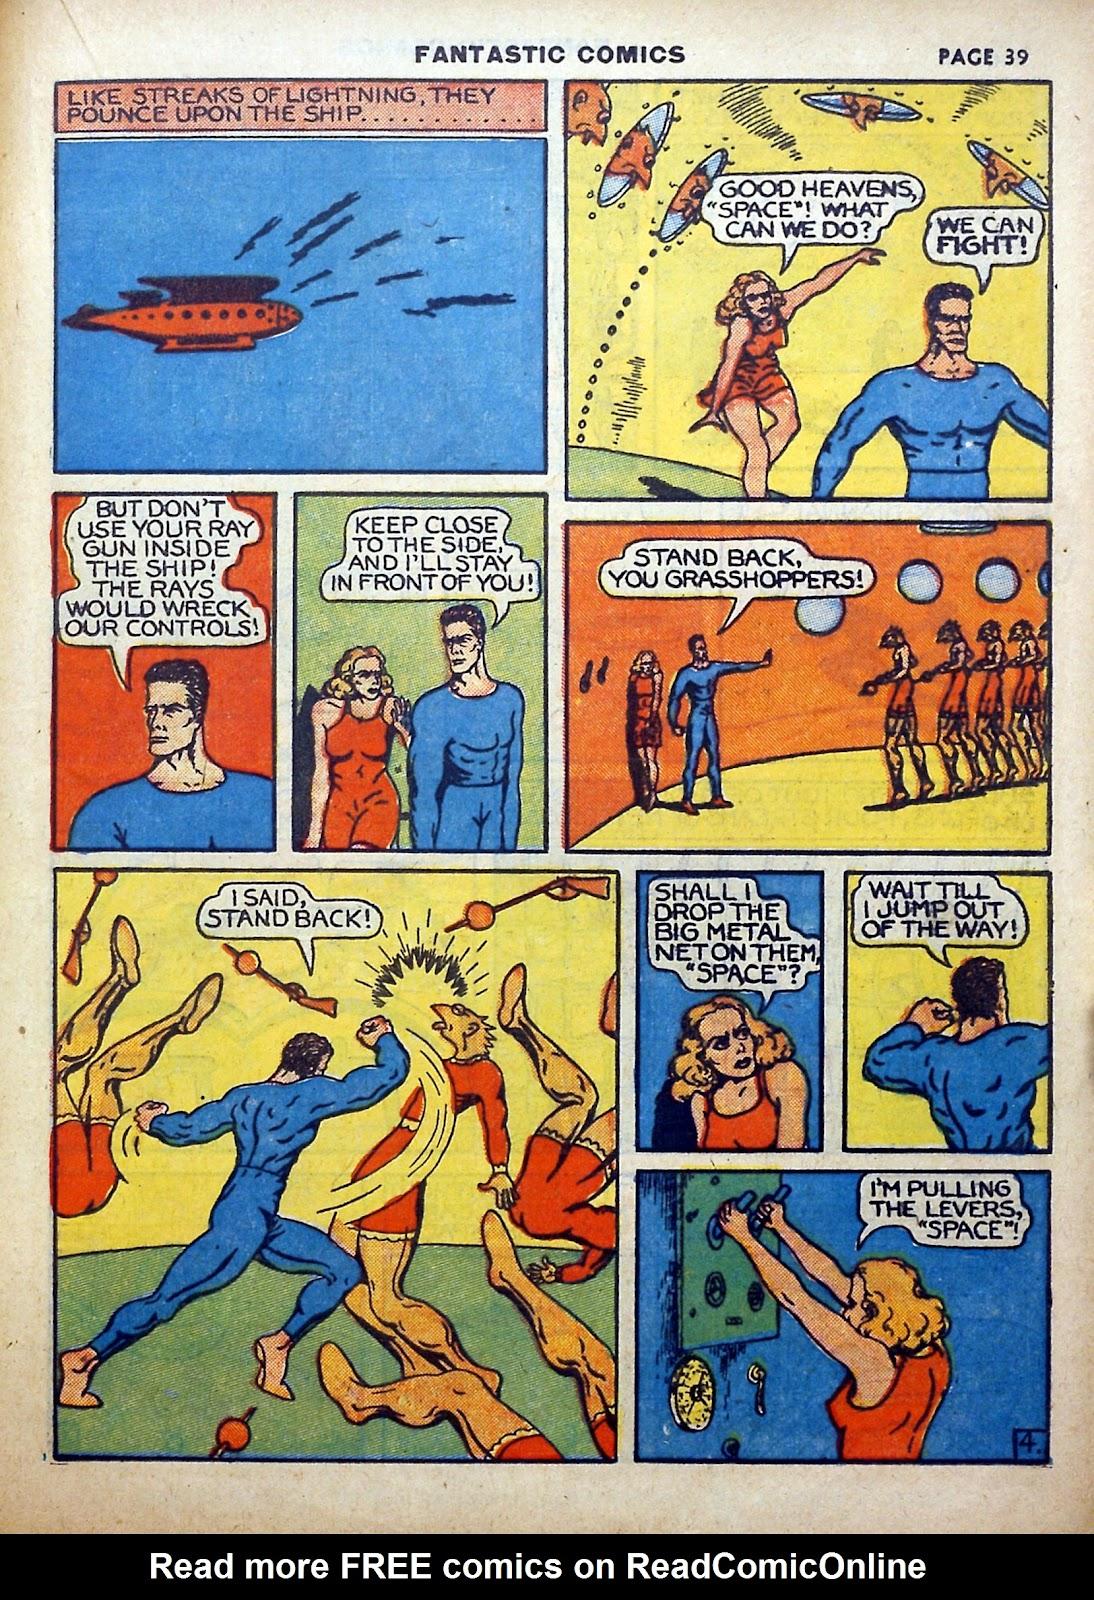 Read online Fantastic Comics comic -  Issue #5 - 40